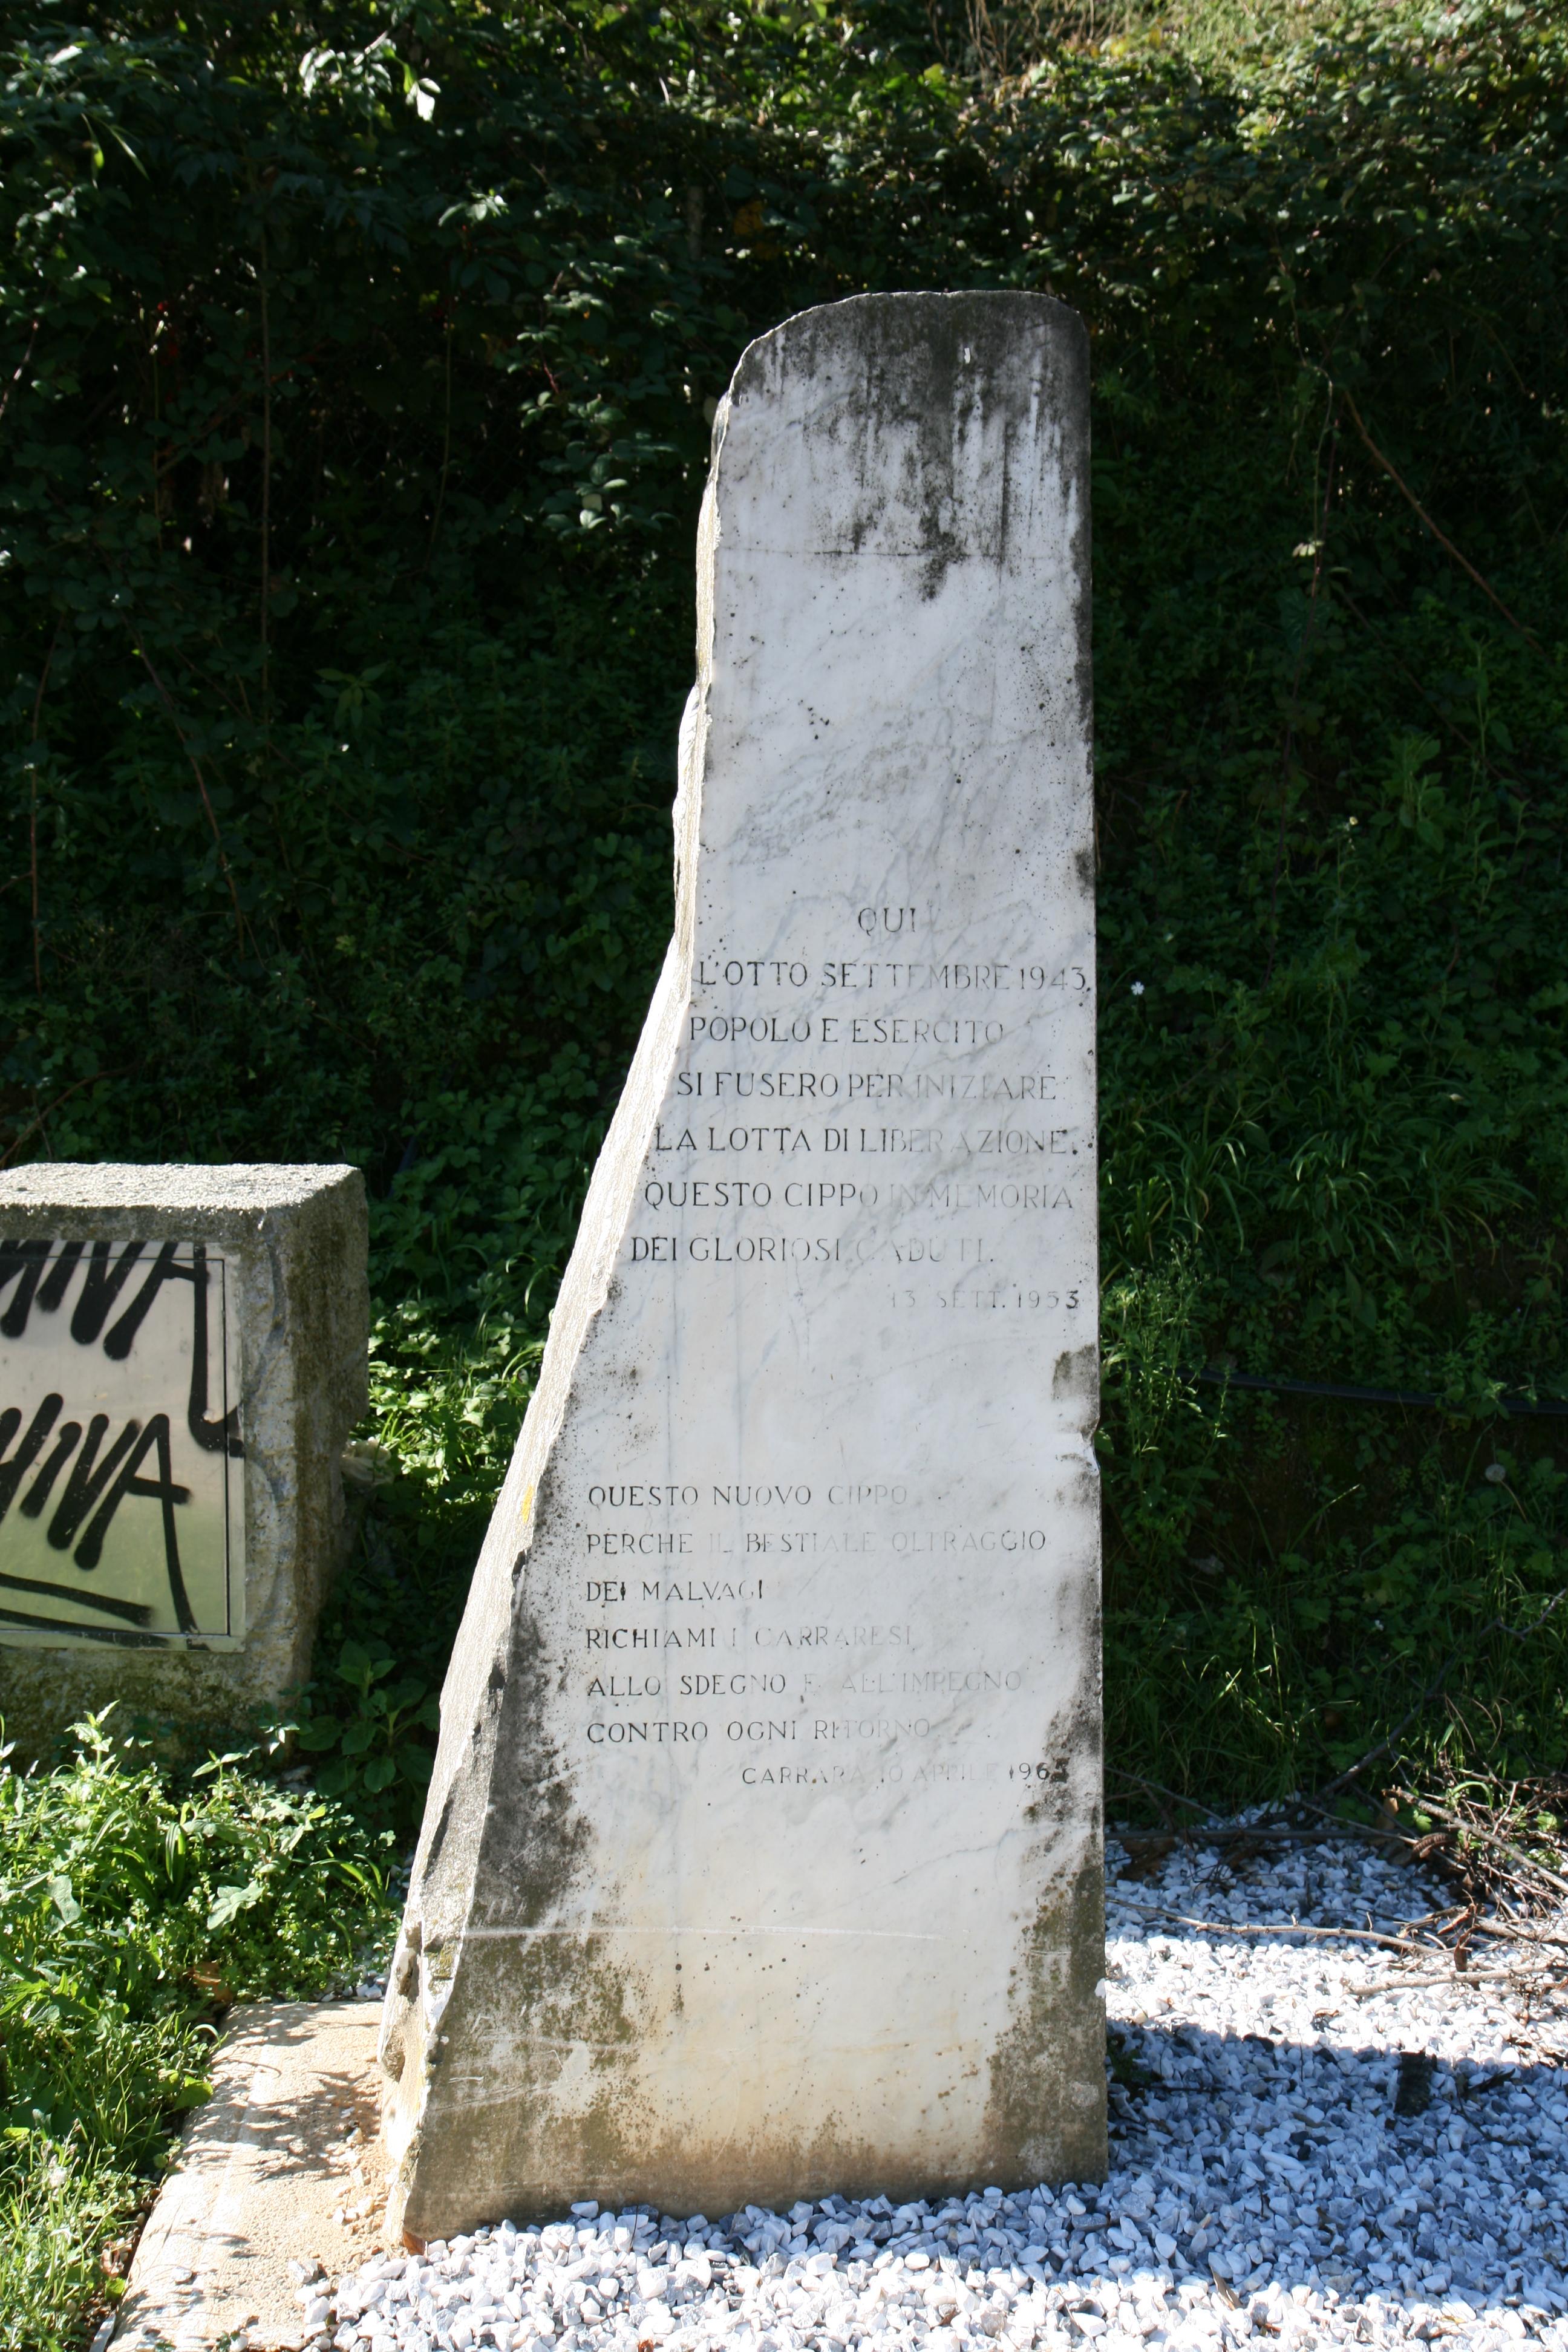 Epigrafe: QUI L'OTTO SETTEMBRE 1943 POPOLO E ESERCITO SI FUSERO PER INIZIARE LA LOTTA DI LIBERAZIONE QUESTO CIPPO IN MEMORIA DEI GLORIOSI CADUTI. 13 SETTEMBRE 1953. La seconda parte dell'epigrafe reca memoria dell'atto vandalico che distrusse questo monumento alla resistenza partigiana QUESTO NUOVO CIPPO PERCHÉ IL BESTIALE OLTRAGGIO DEI MALVAGI RICHIAMI I CARRARESI ALLO SDEGNO E ALL'IMPEGNO CONTRO OGNI RITORNO CARRARA 10 APRILE 1965